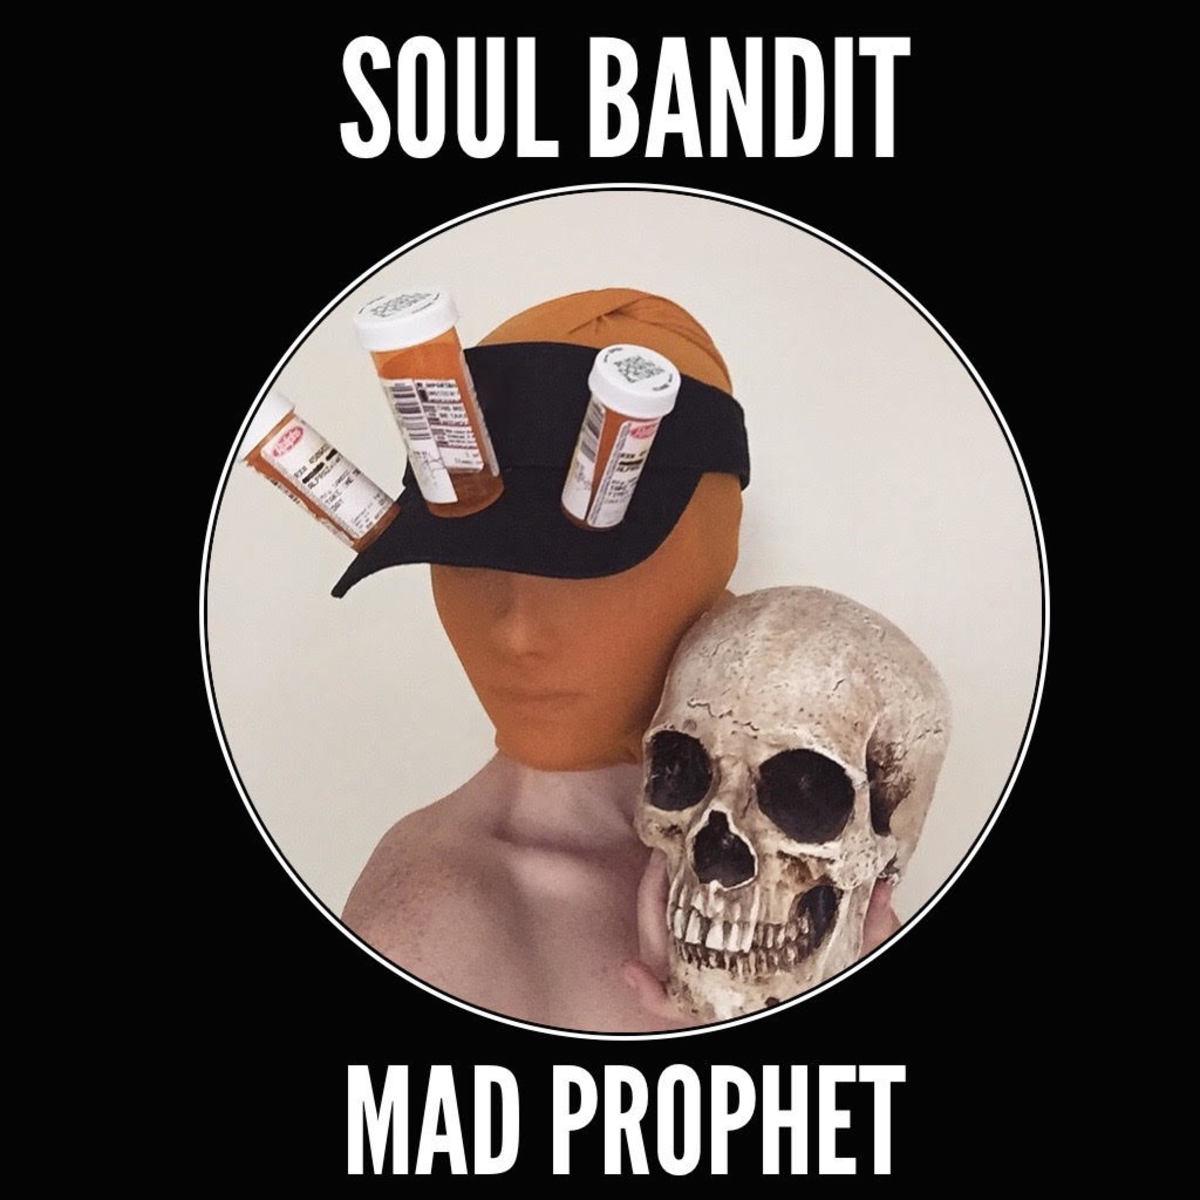 Soul Bandit - Mad Prophet